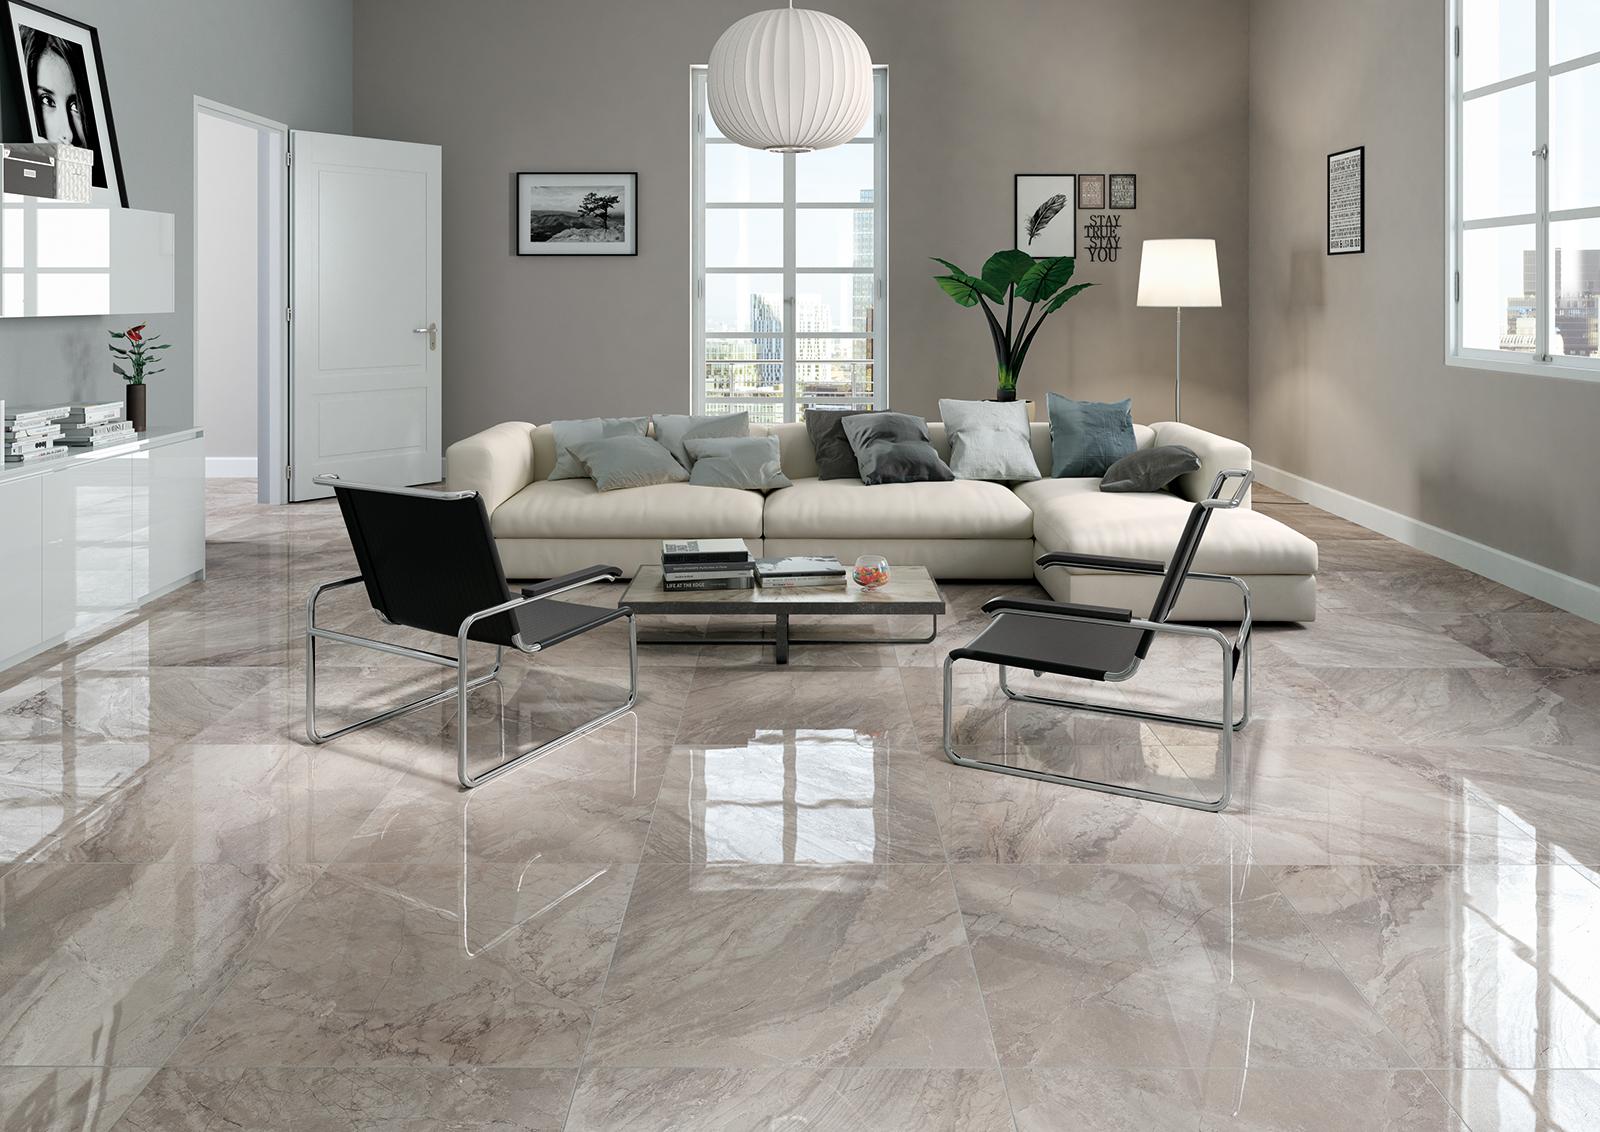 Pavimento Grigio Perla : Pavimento grigio perla lucido arredare con il grigio architettura